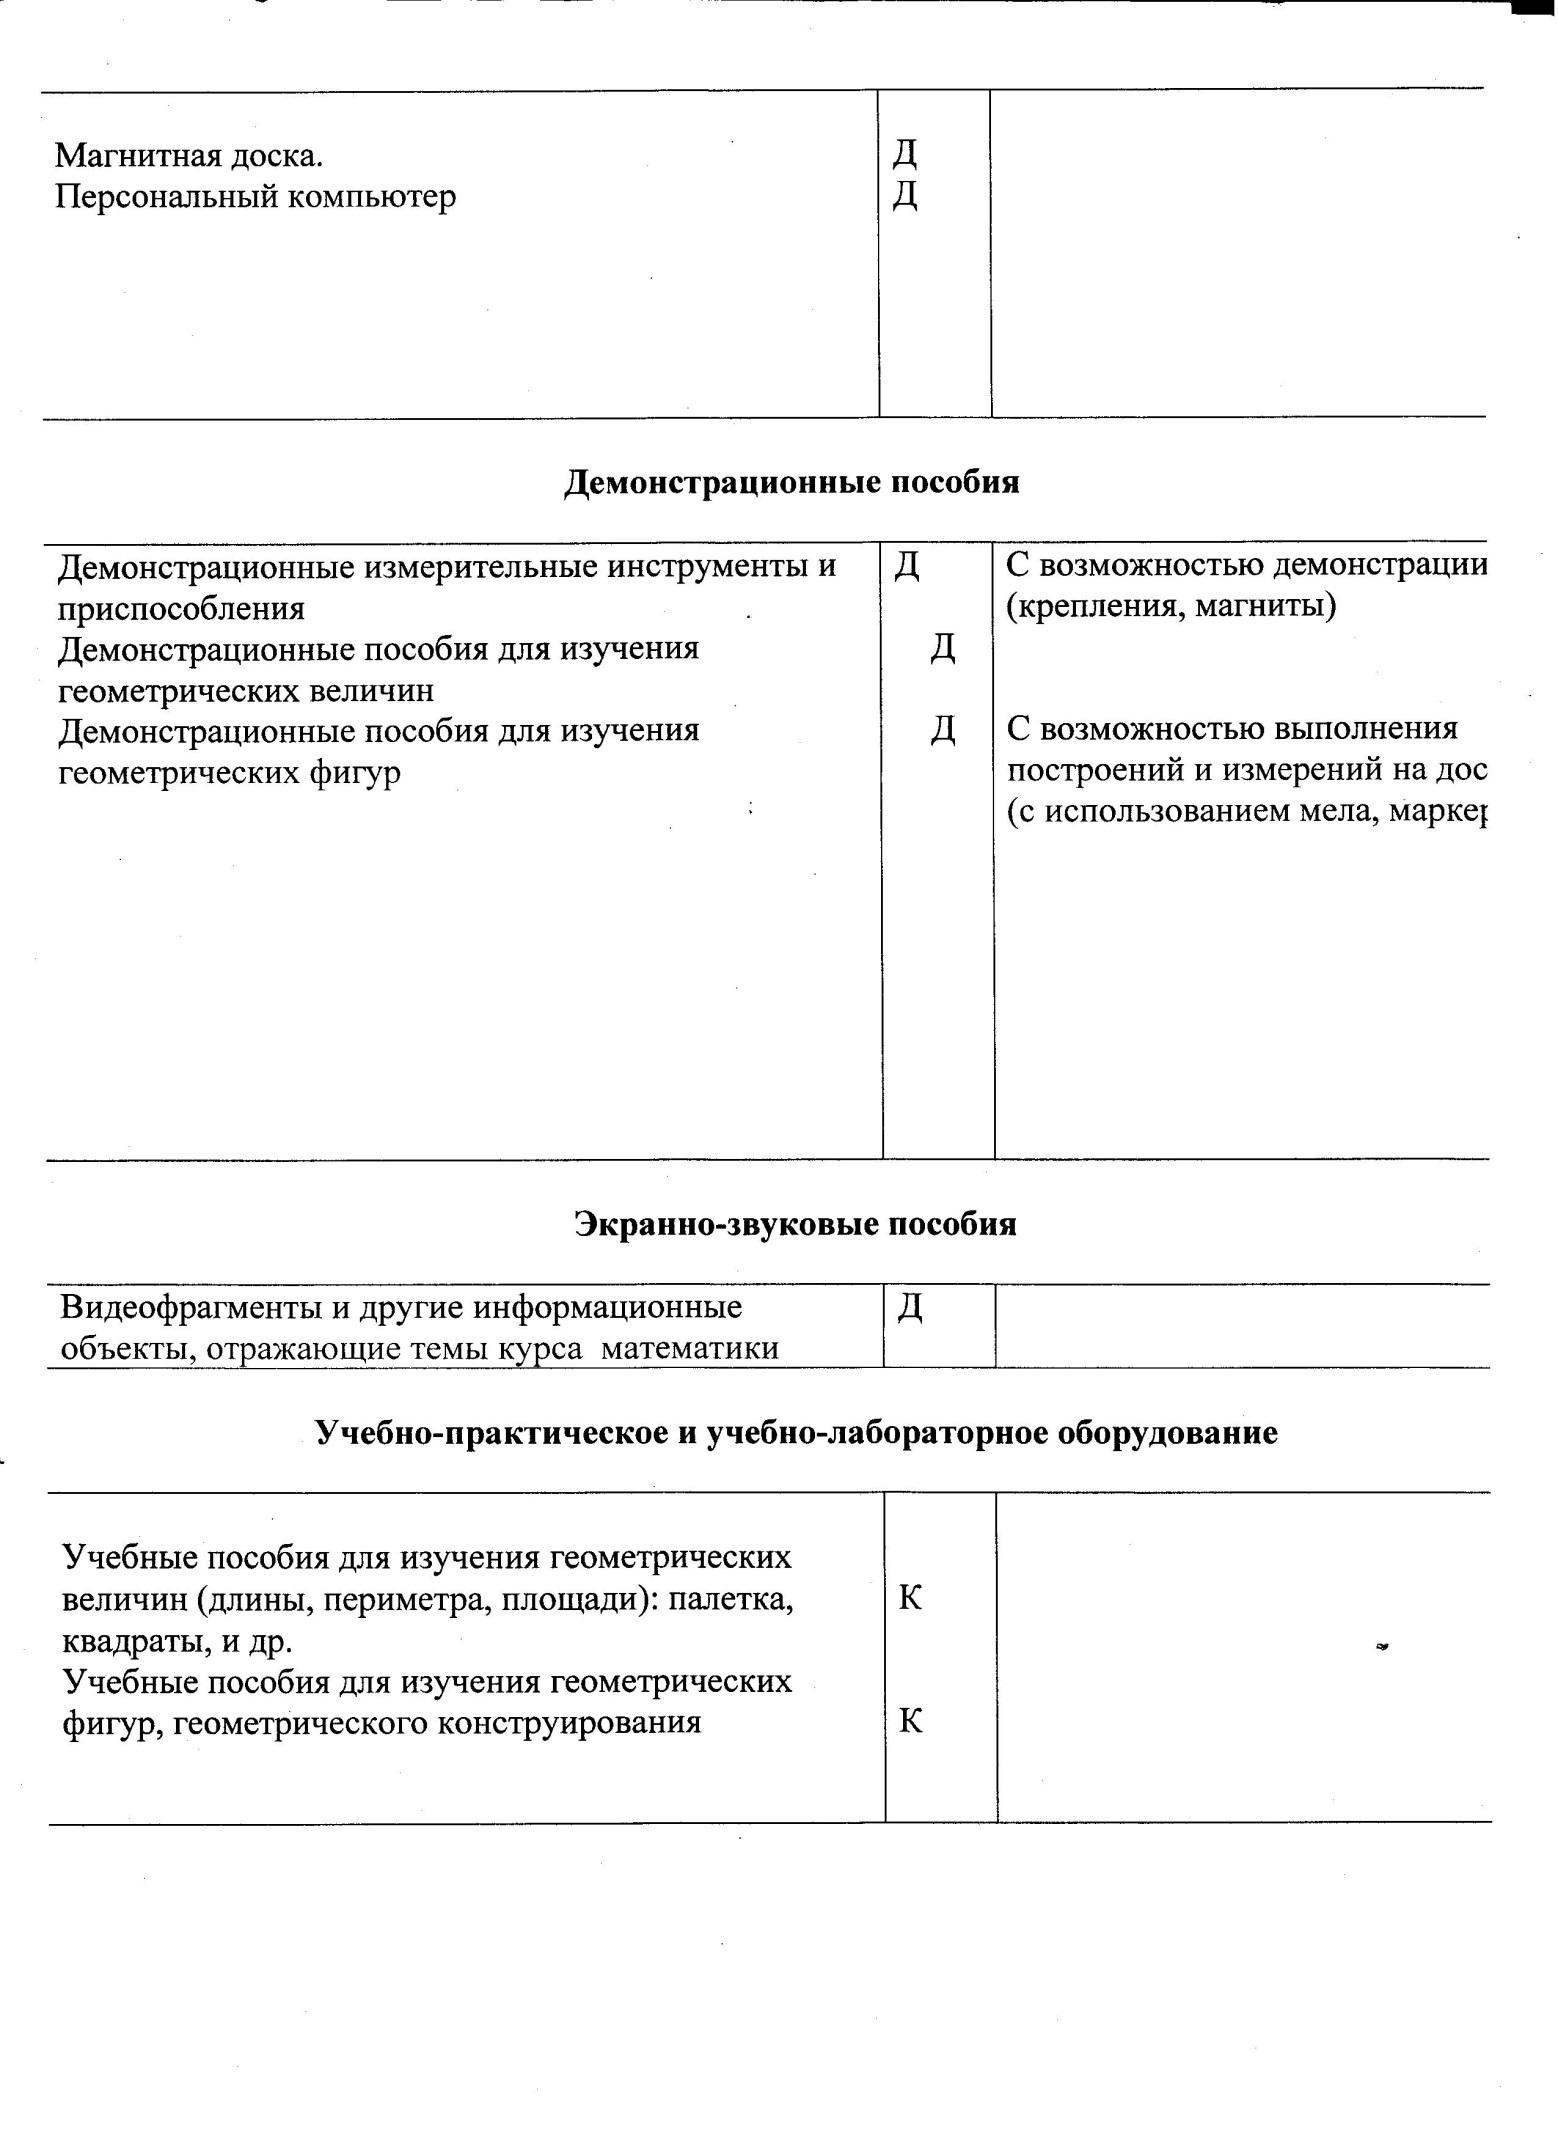 C:\Users\Ирина\Pictures\2014-04-28\004.jpg